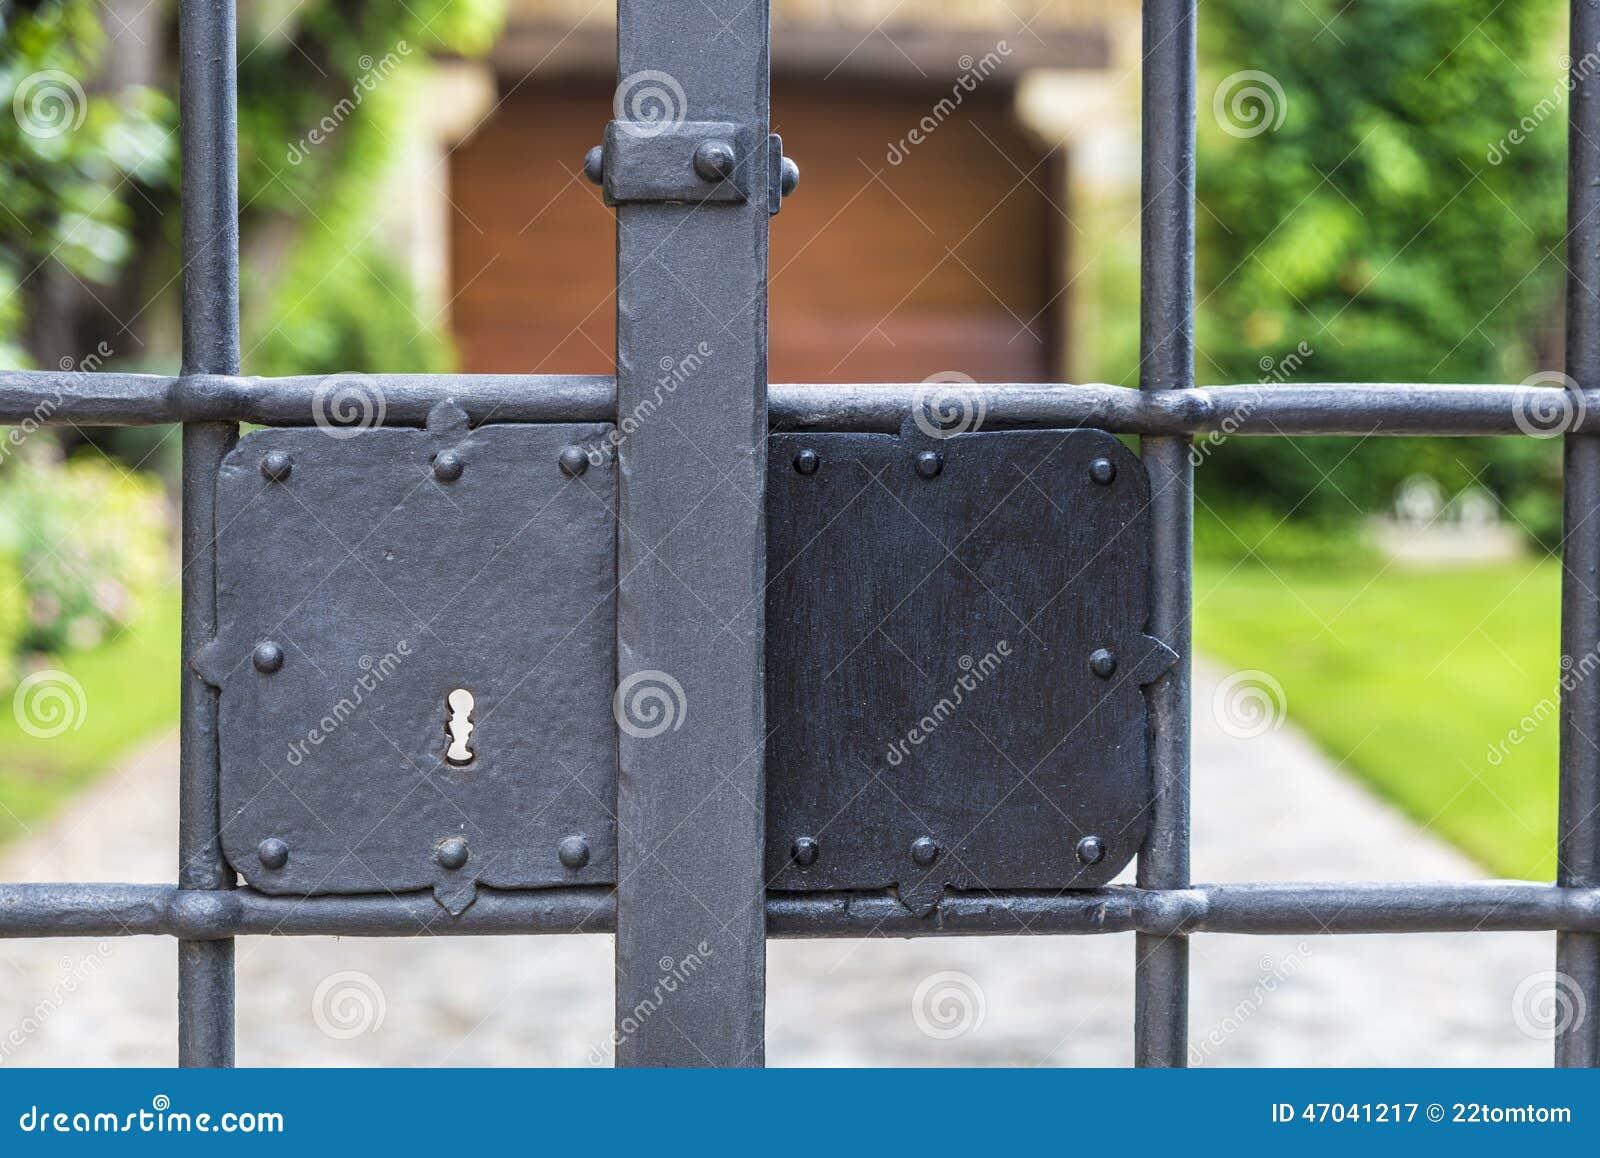 Låsa ett staket